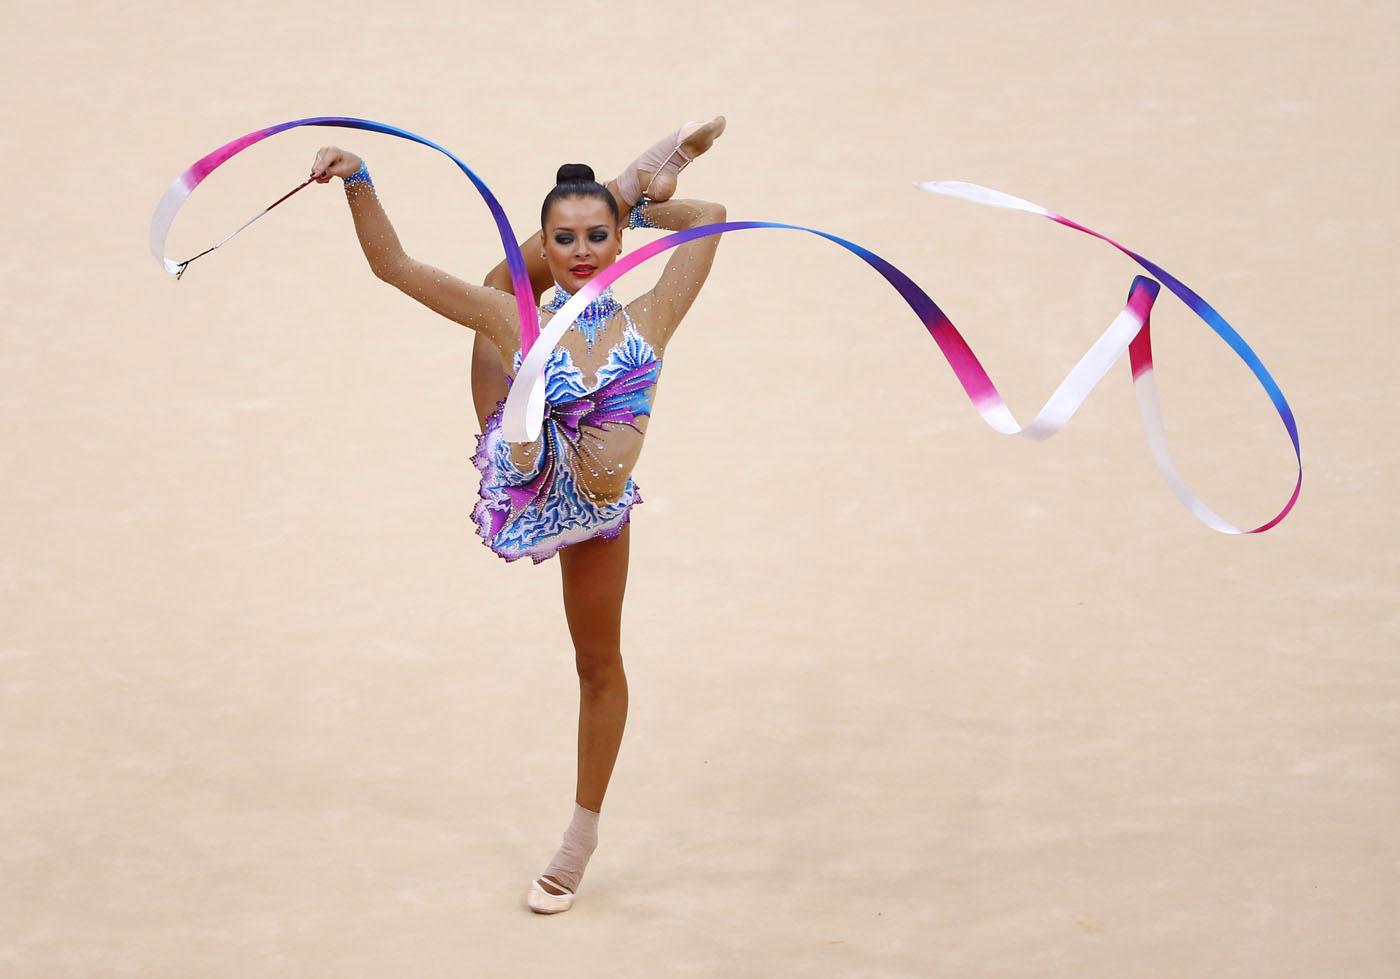 Фото гимнасток с предметом 11 фотография